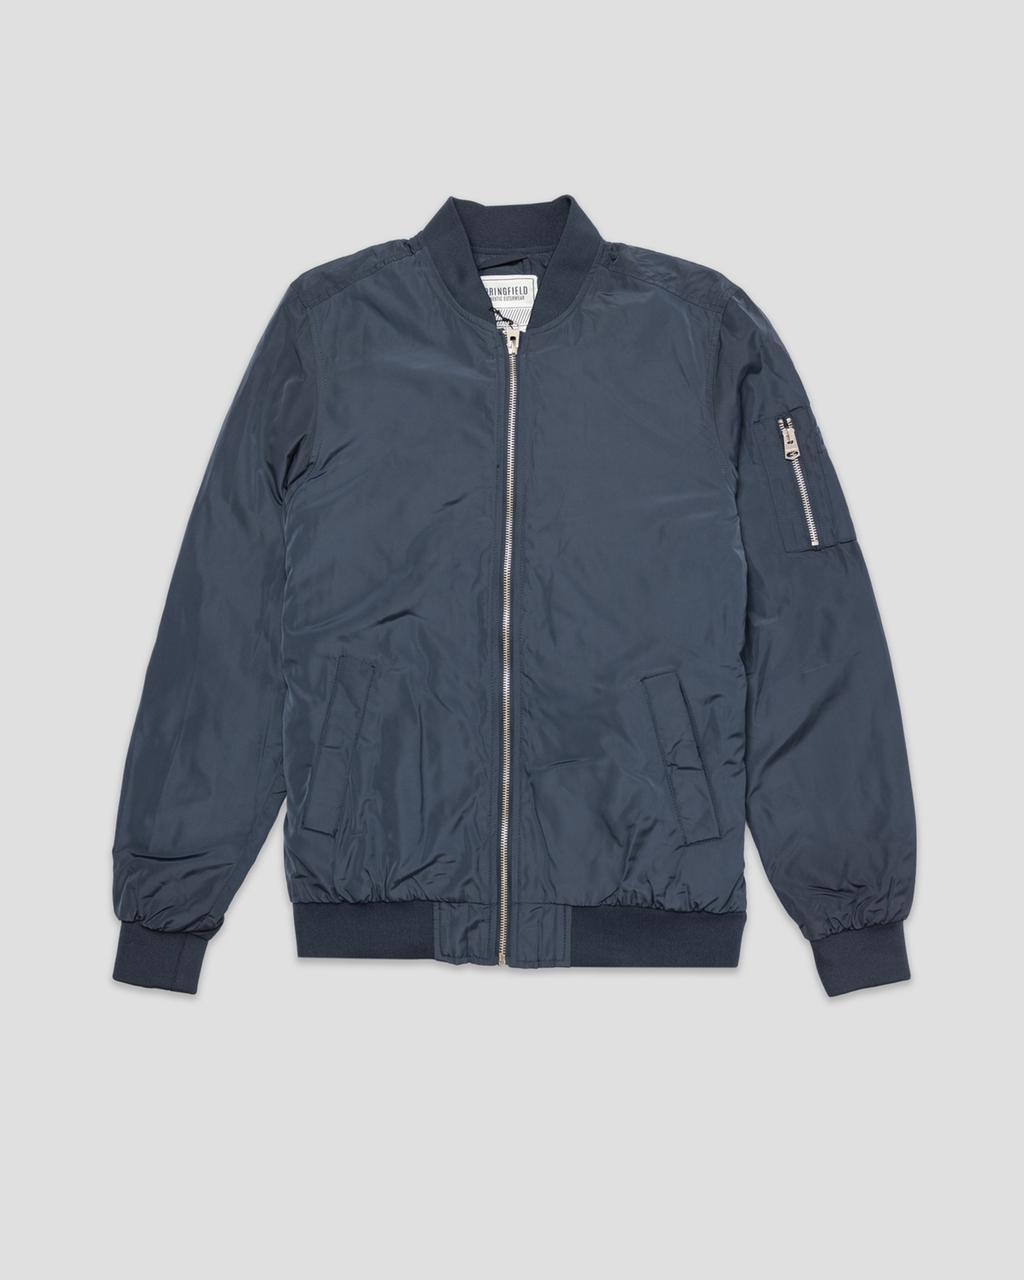 Springfield Мужская куртка-бомбер-Т1